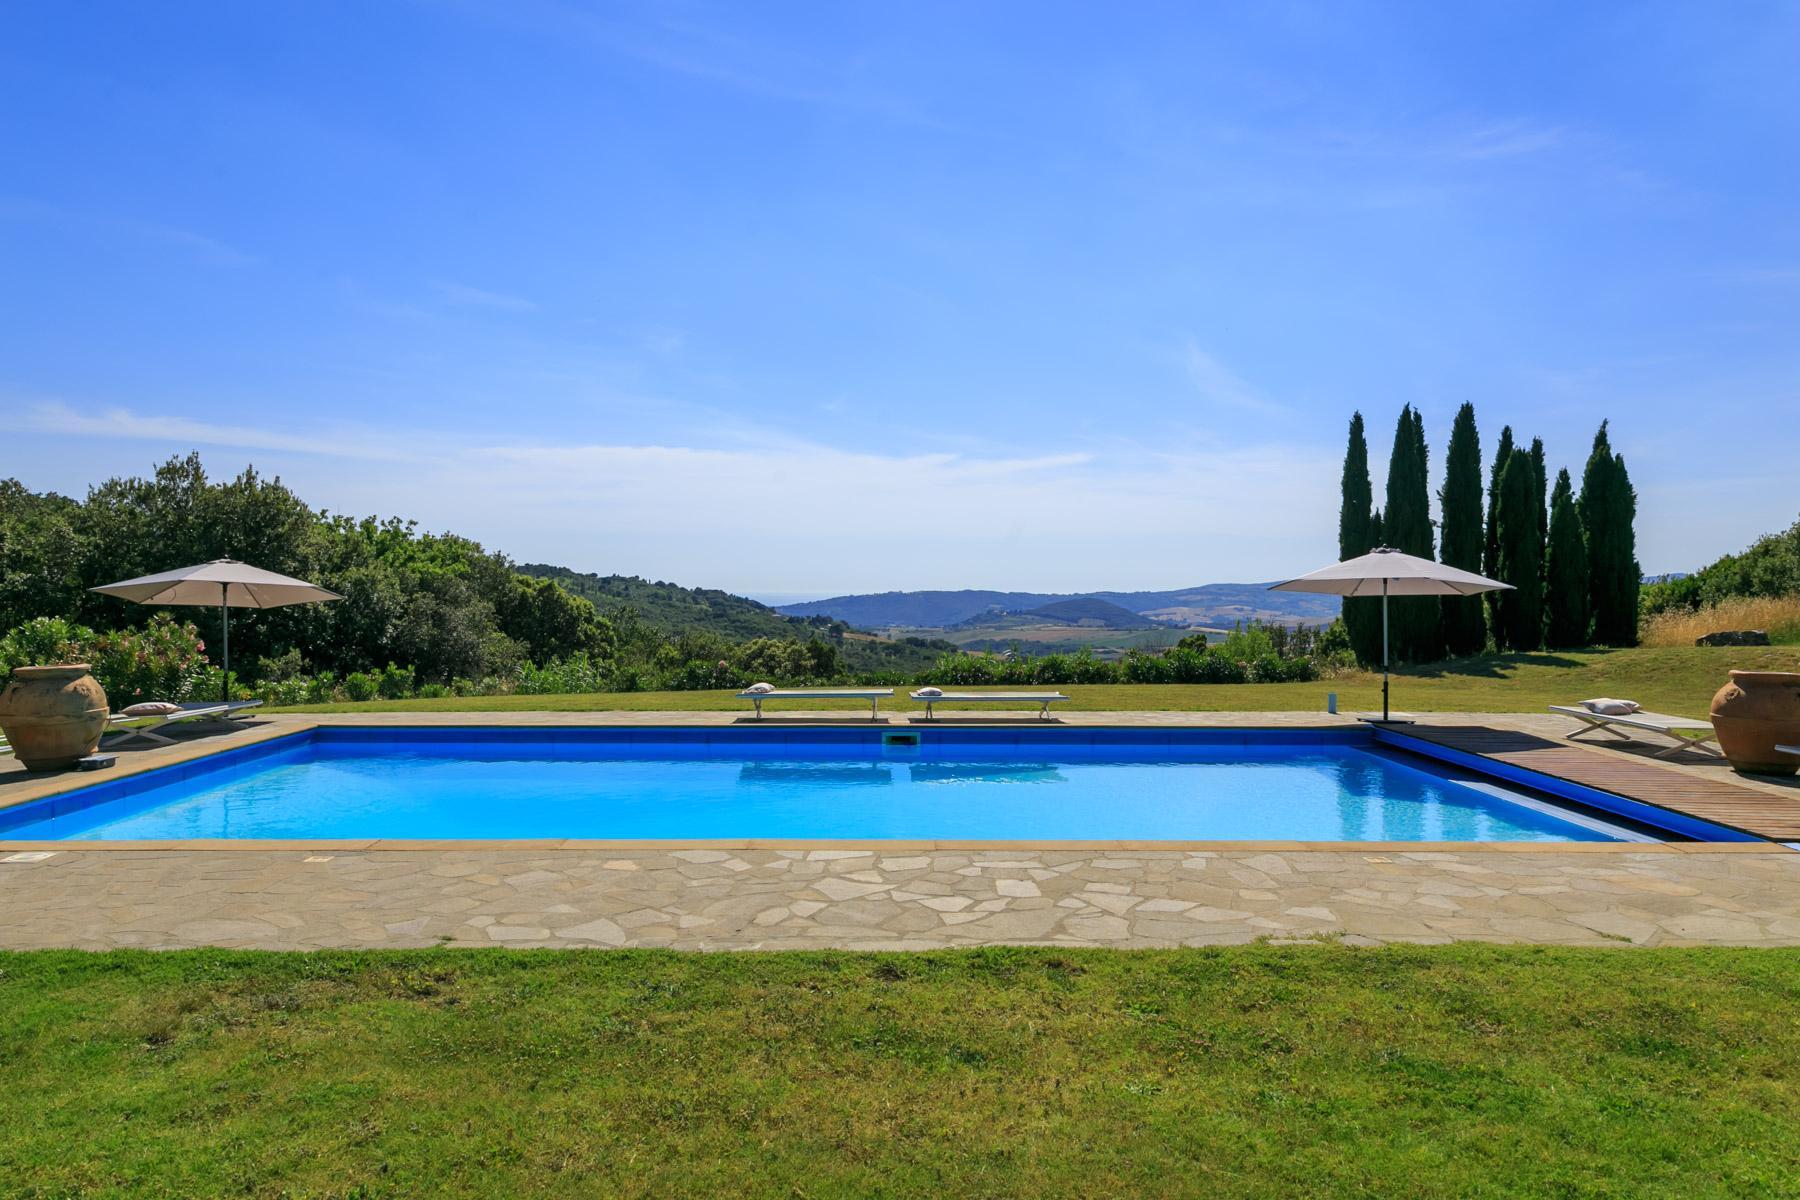 托斯卡纳地区拥有游泳池惬意的别墅 - 6